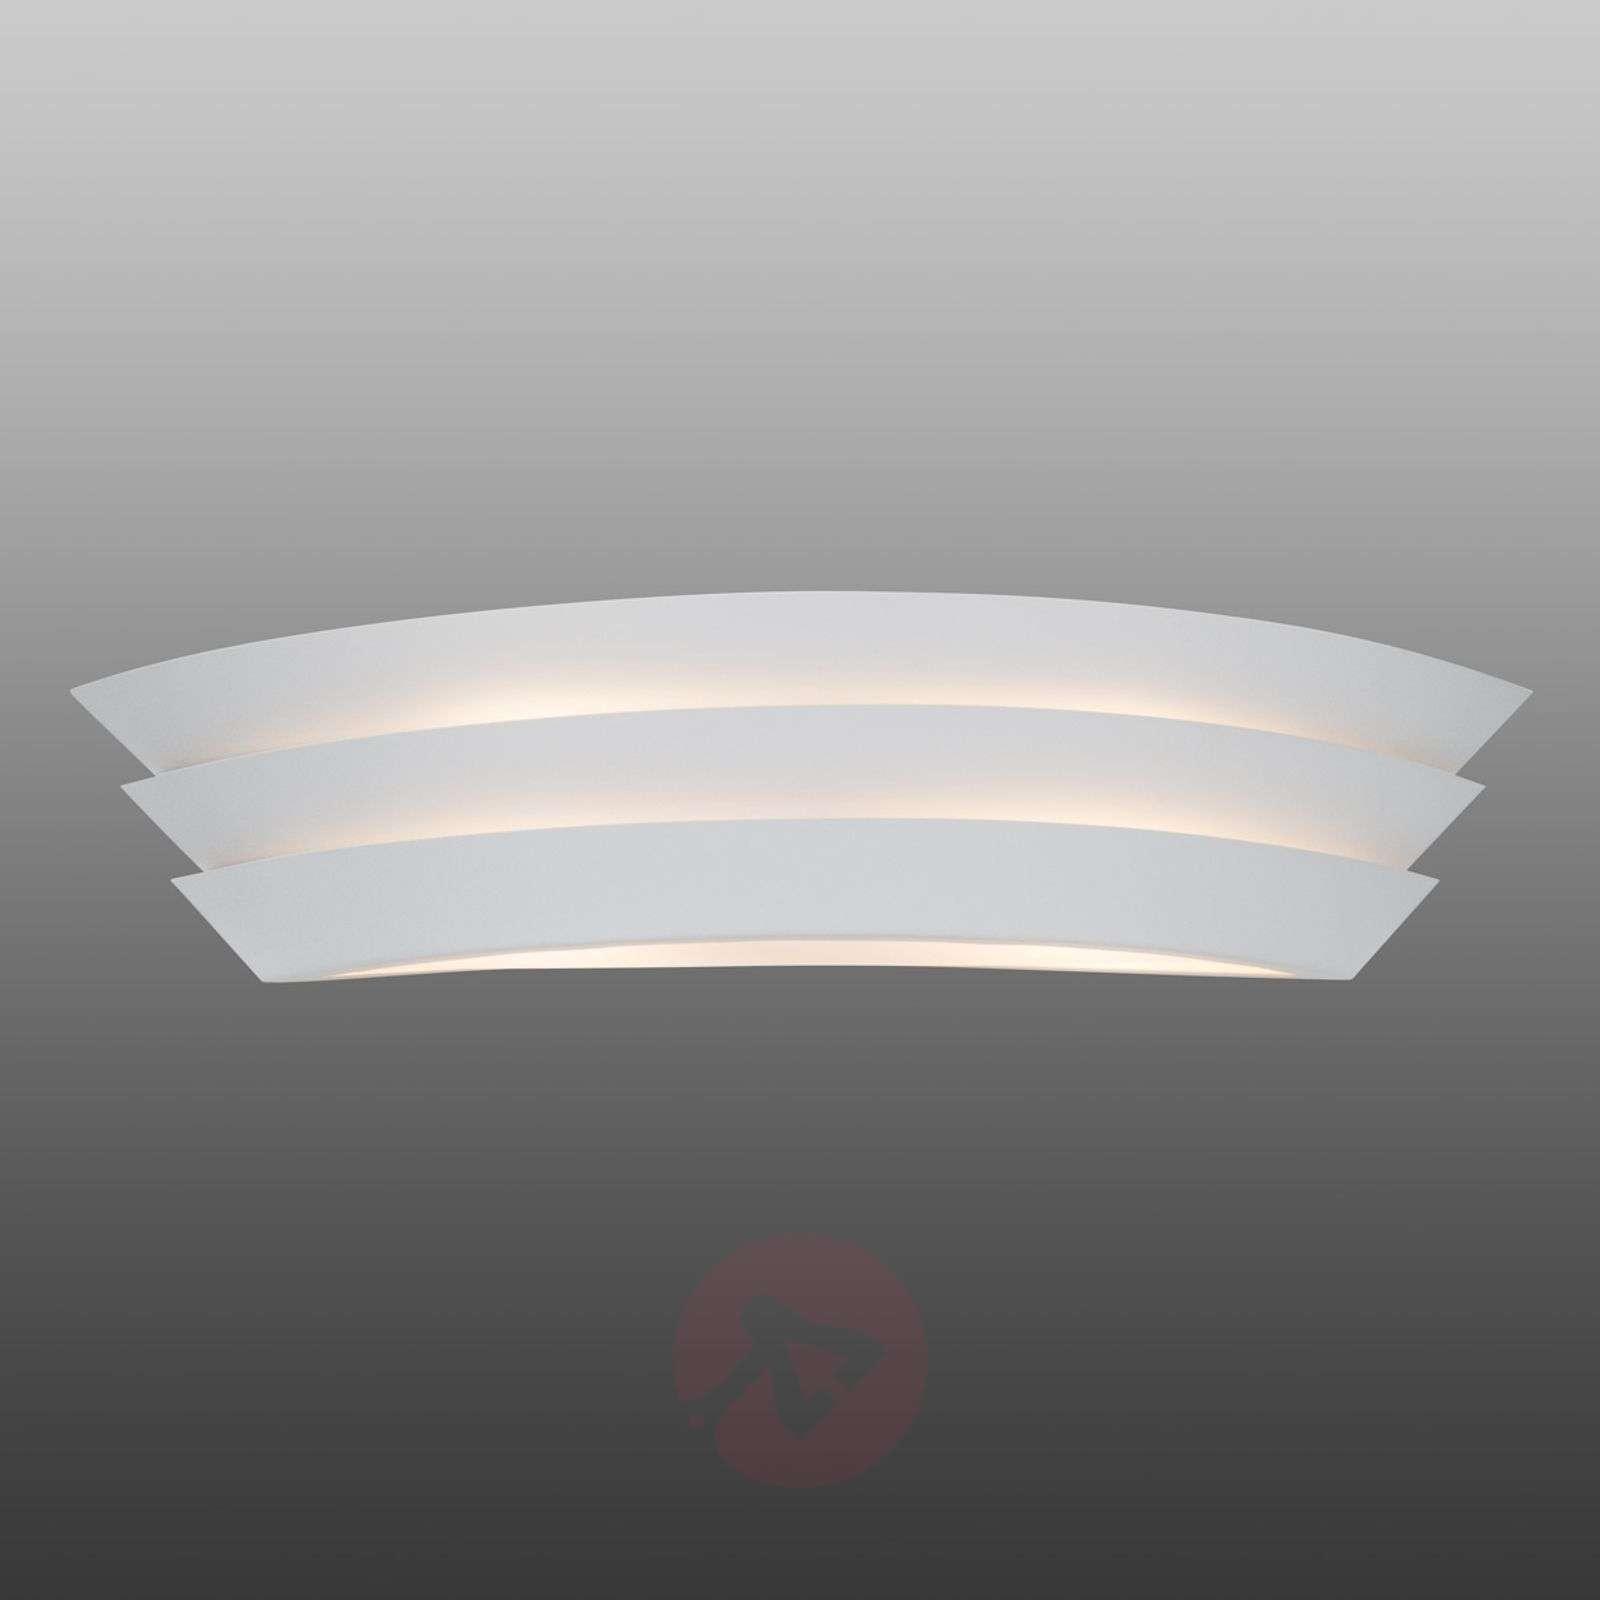 Ship seinävalaisin kauniilla valoefekteillä-1508947-01